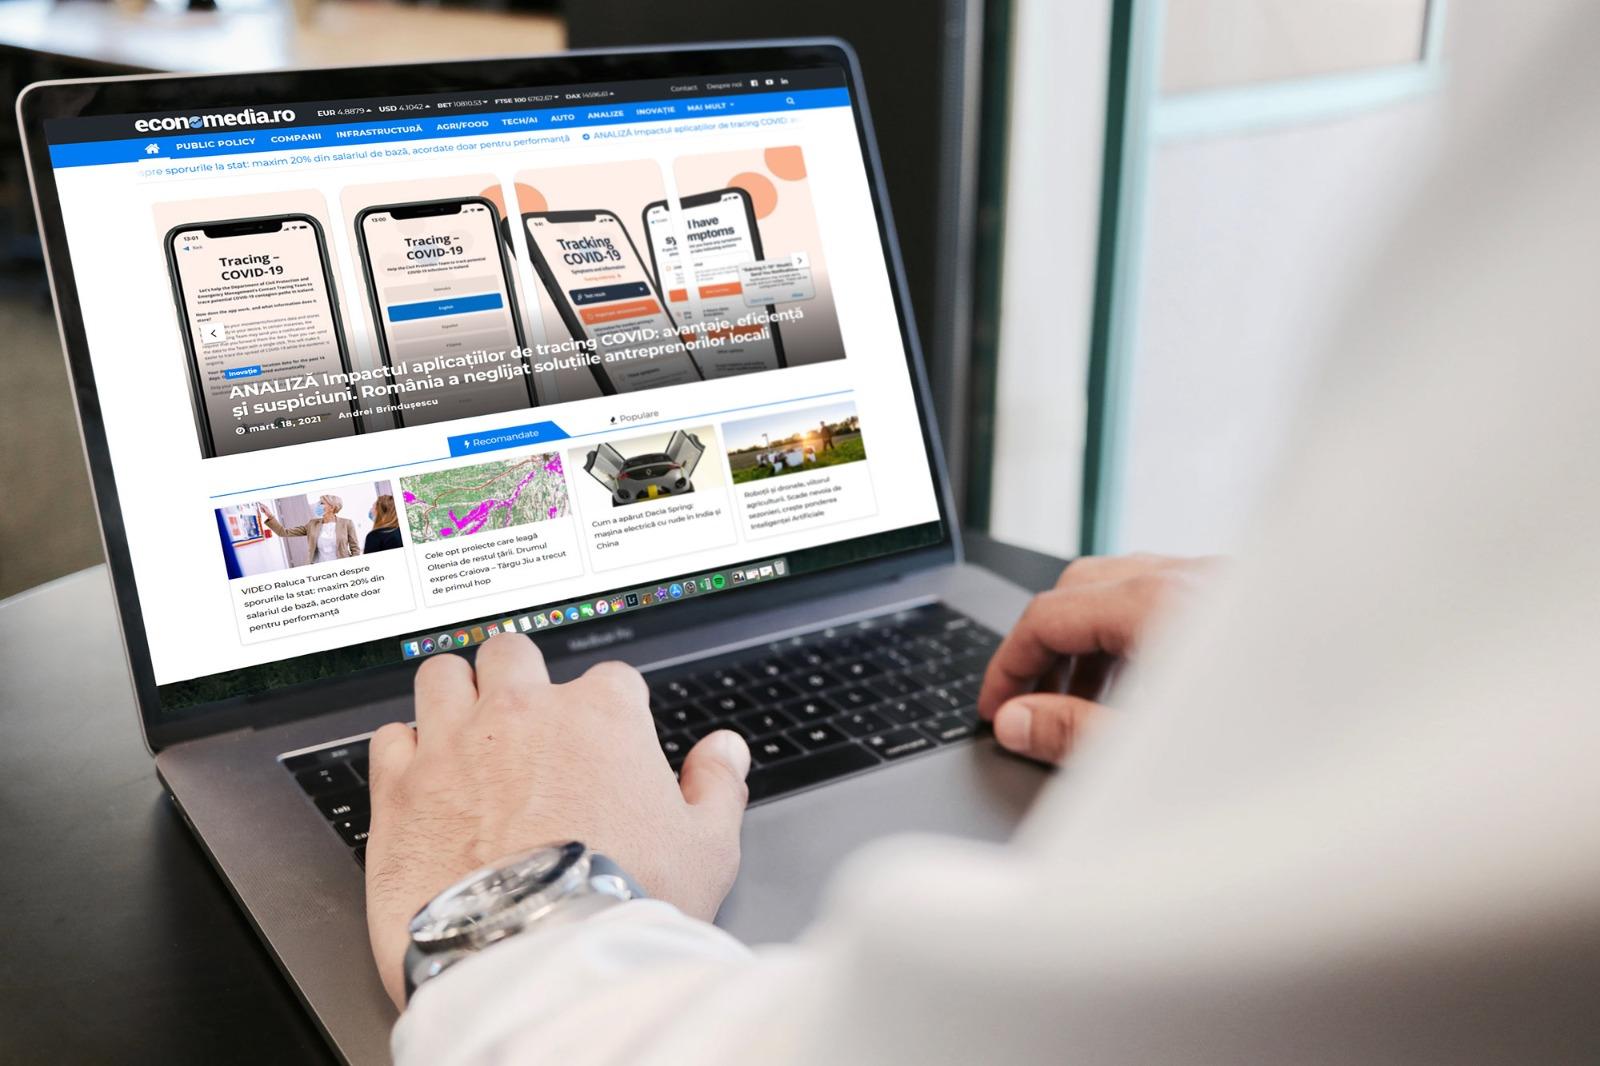 Thinkdigital este reprezentantul de vânzări al Economedia, noua publicație independentă realizată de echipa G4Media